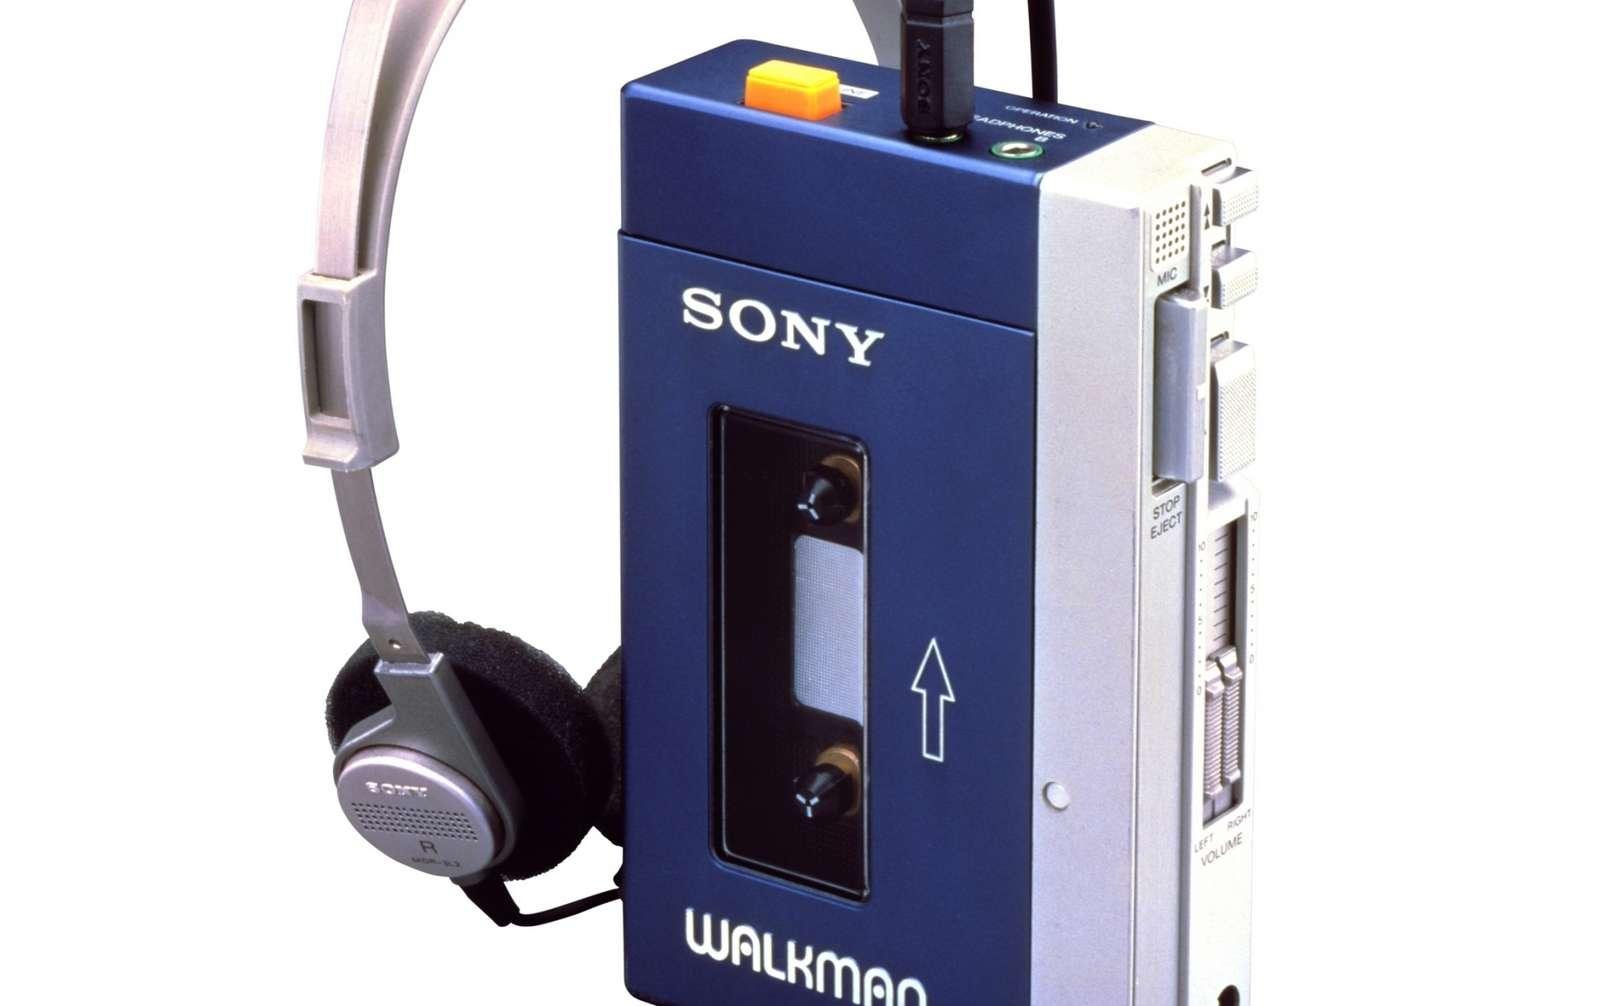 Après la fin du Walkman, Sony a tenté de rééditer ce succès avec le Discman puis le format MiniDisc, sans y parvenir. © Sony